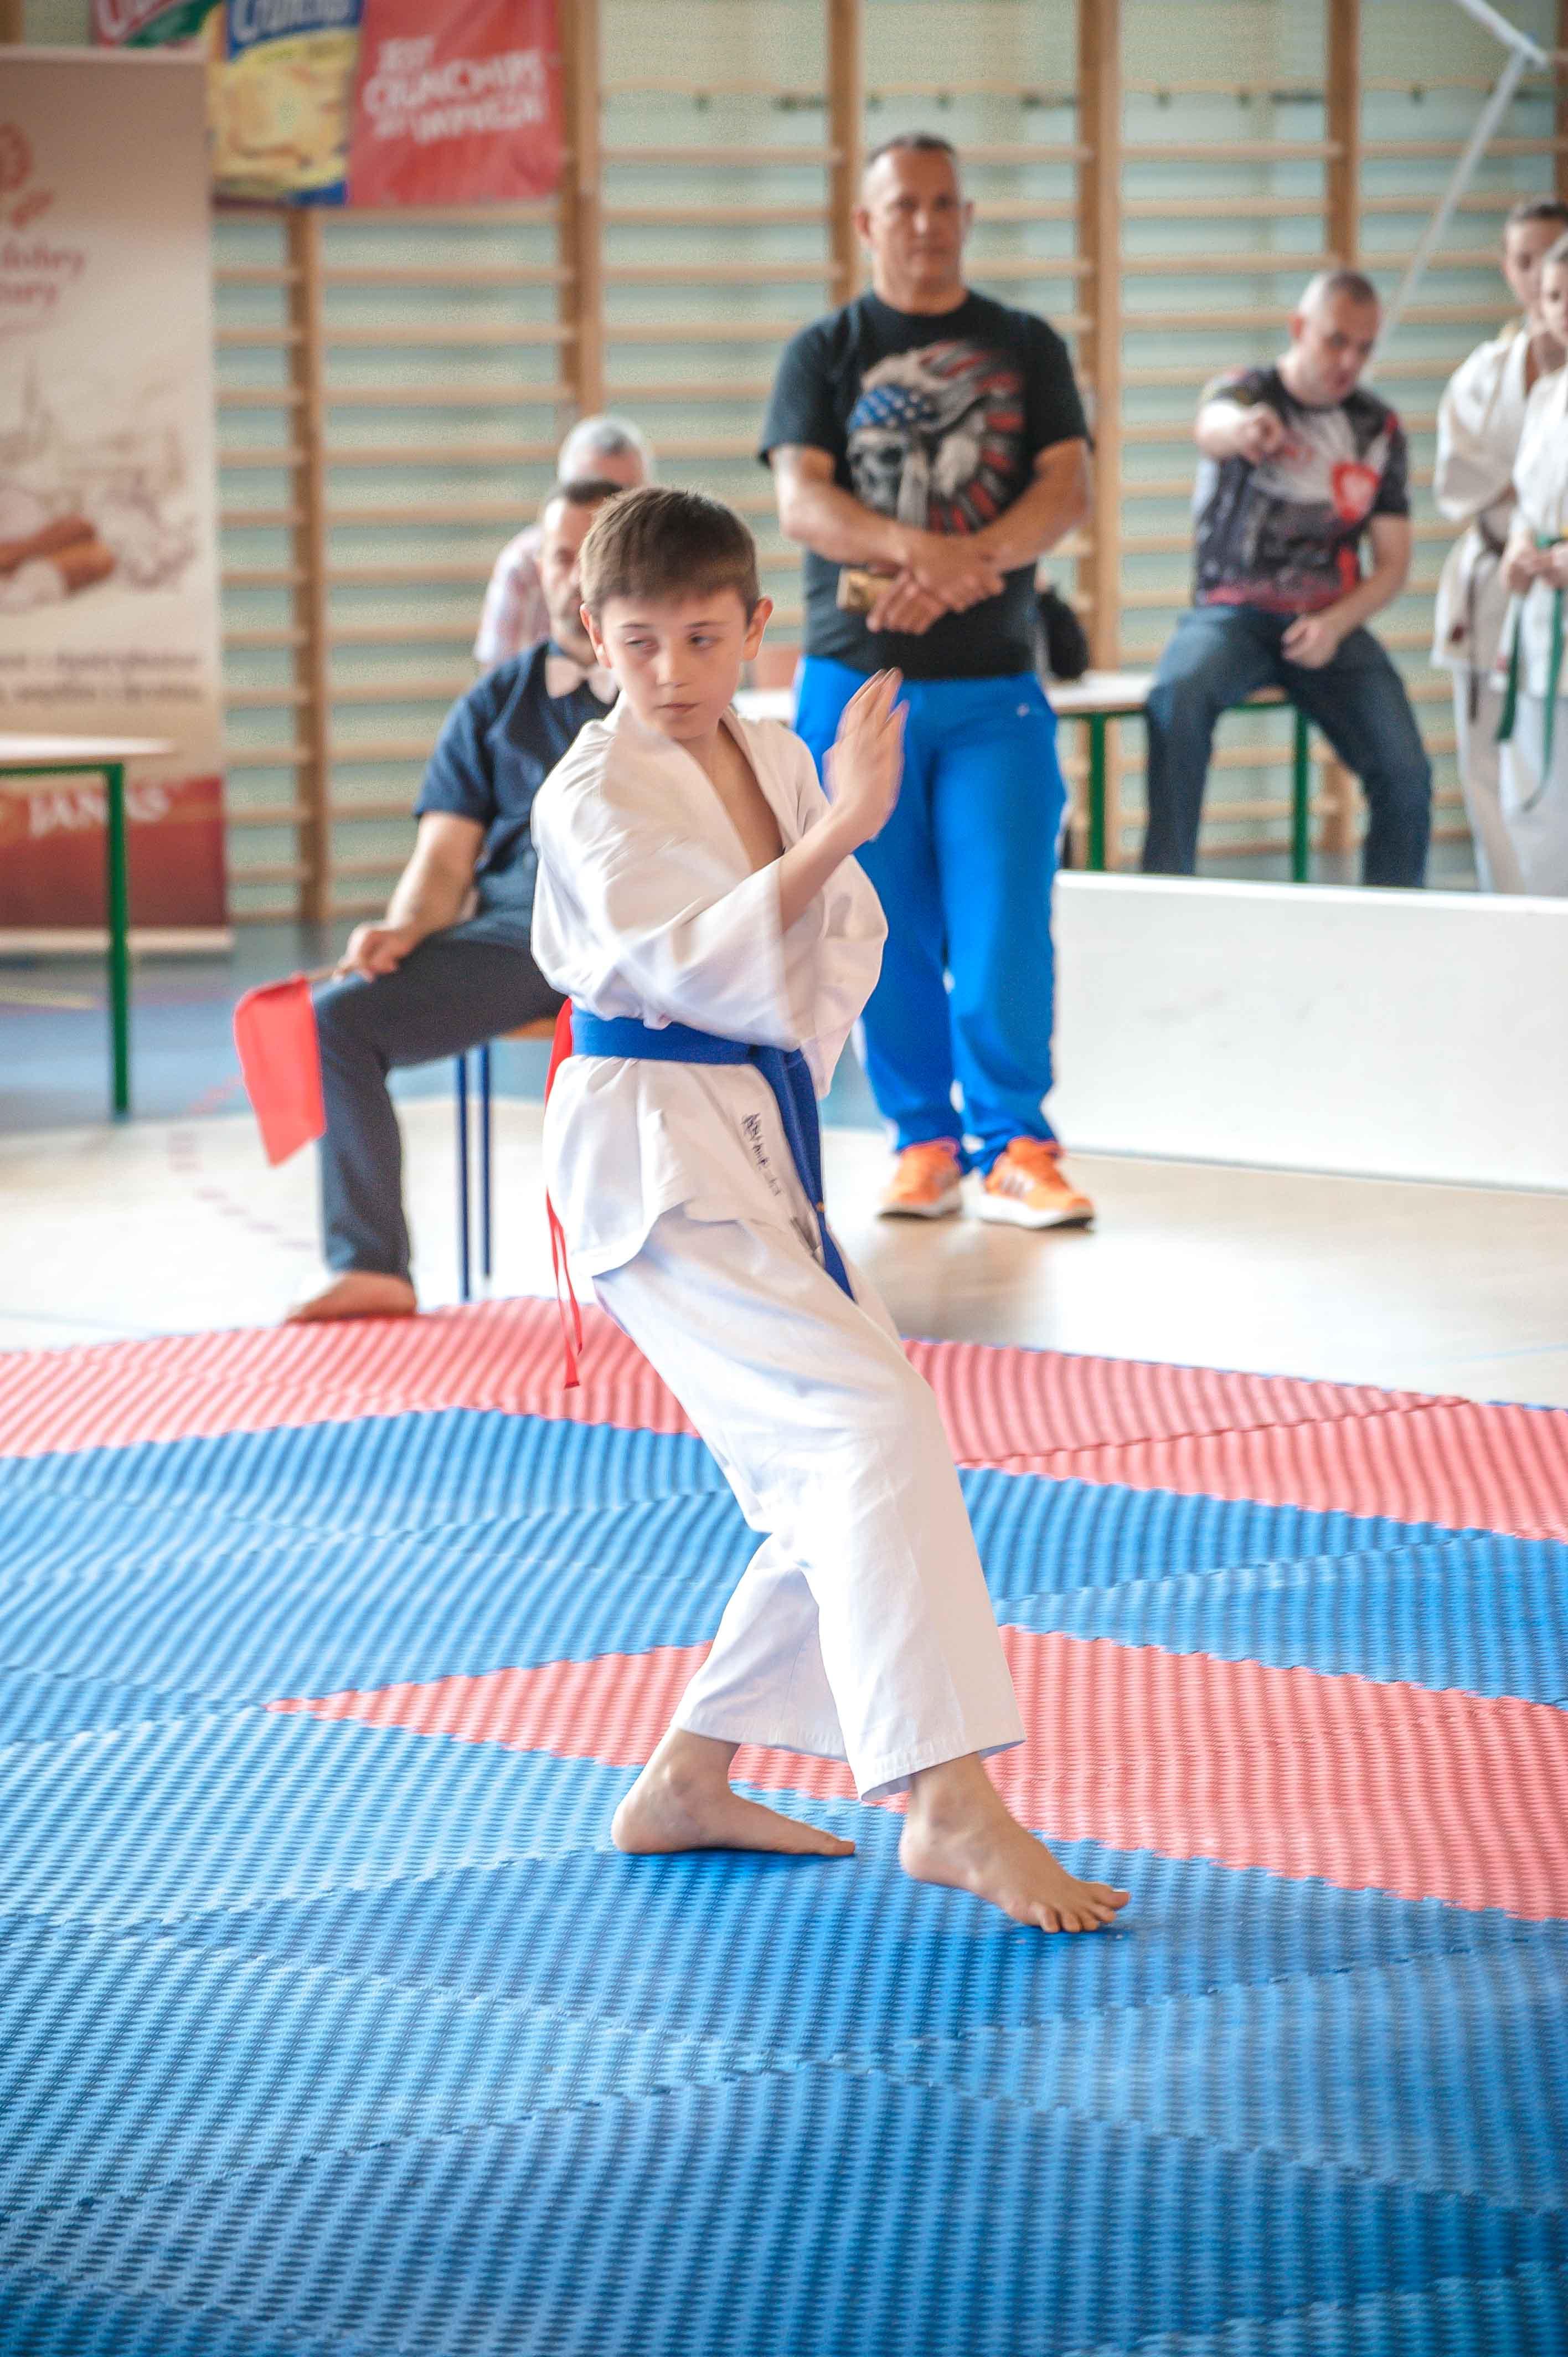 17 Turniej Karate Nowy Targ 2019_13.JPG